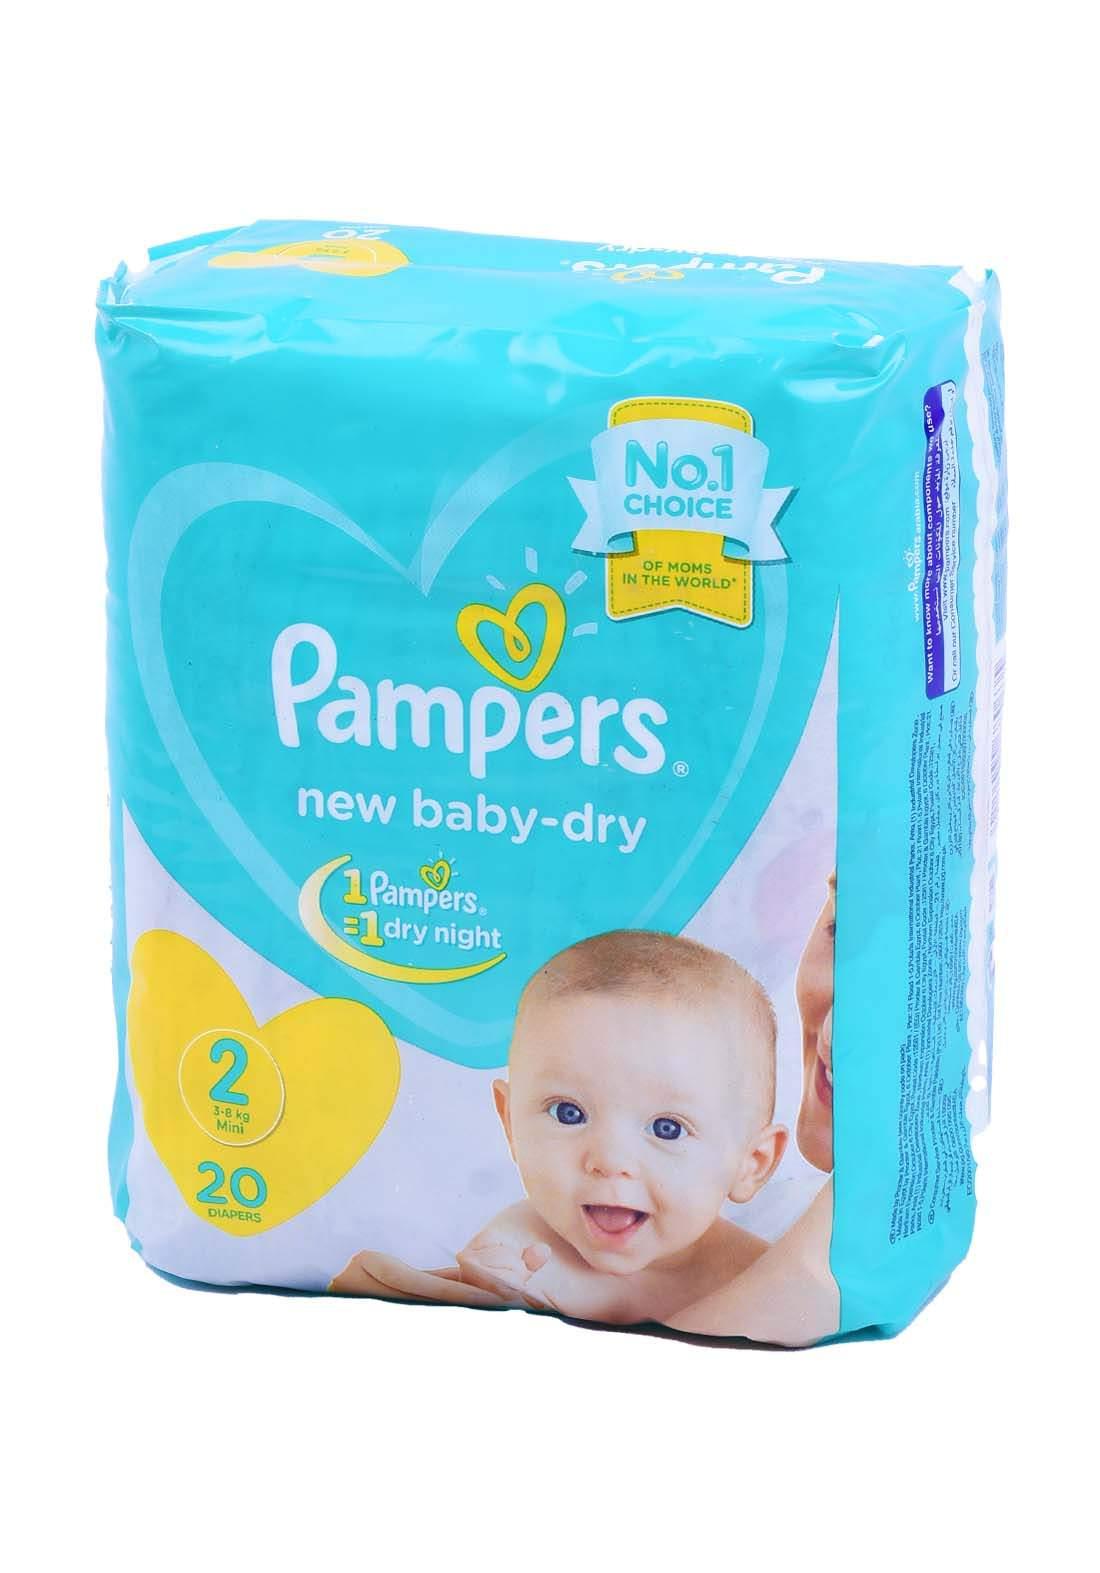 Pampers 3-8 Kg 20 Pcs حفاضات  بامبرز للاطفال عادي رقم 2